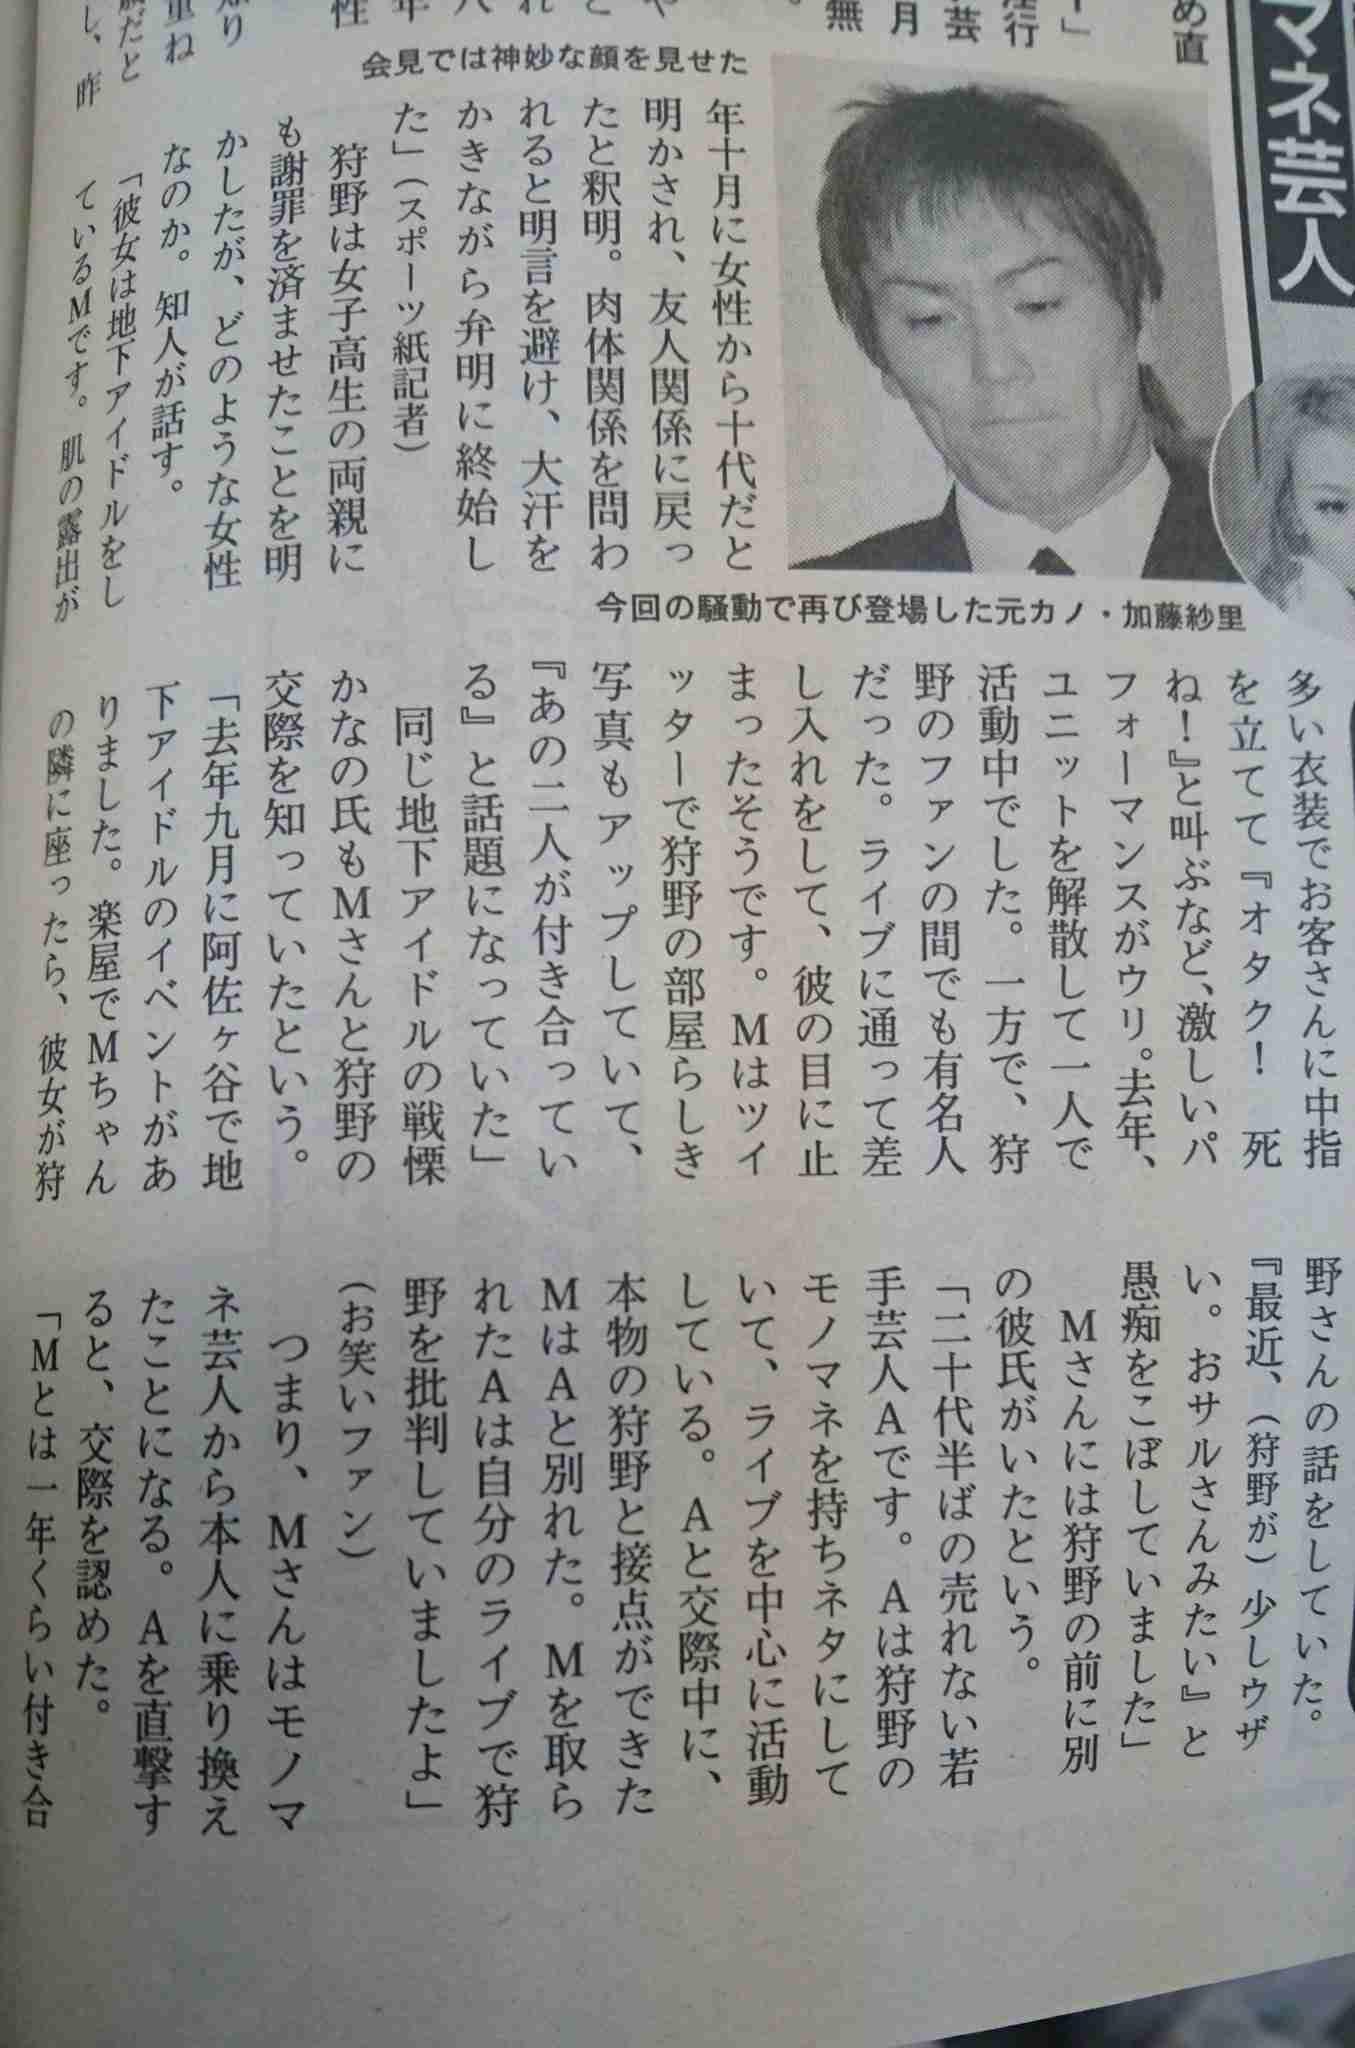 狩野英孝の相手女性 お笑い業界では有名だった! 岡村隆史が暴露!!